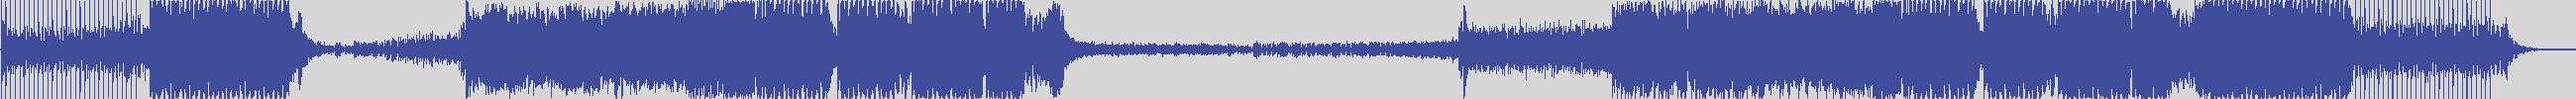 just_digital_records [SP2403] Thunderbeats - Back Again [Original Mix] audio wave form